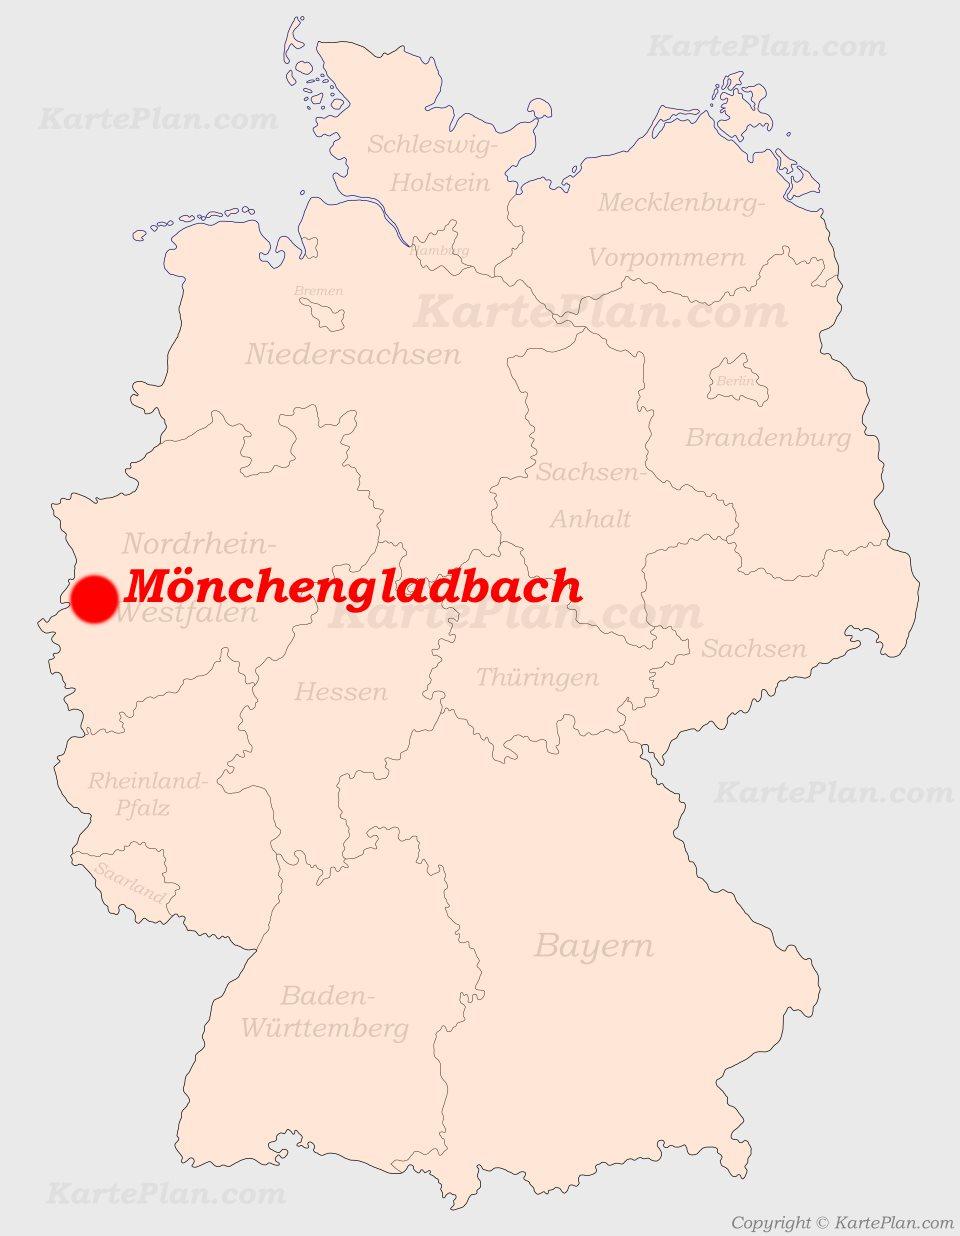 mönchengladbach karte deutschland Mönchengladbach auf der Deutschlandkarte